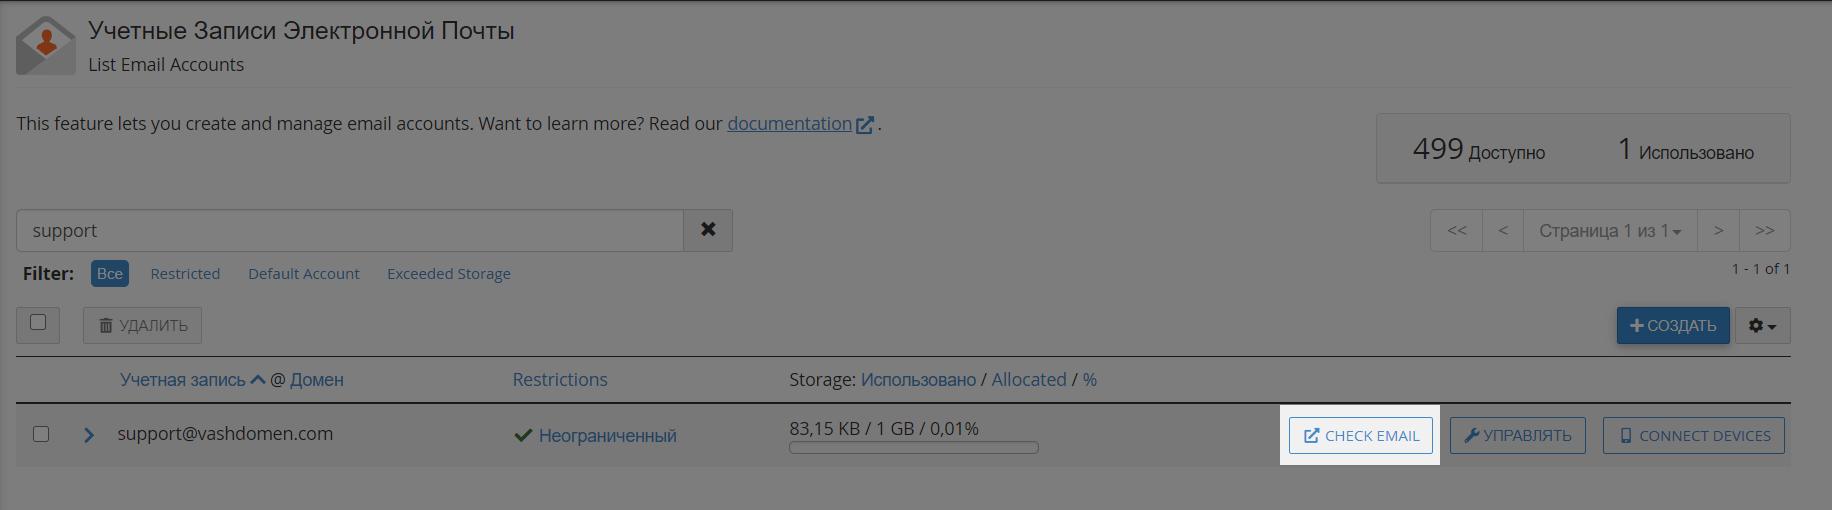 Как настроить доменную почту на хостинге с cPanel. Пункт управления почтовыми ящиками.